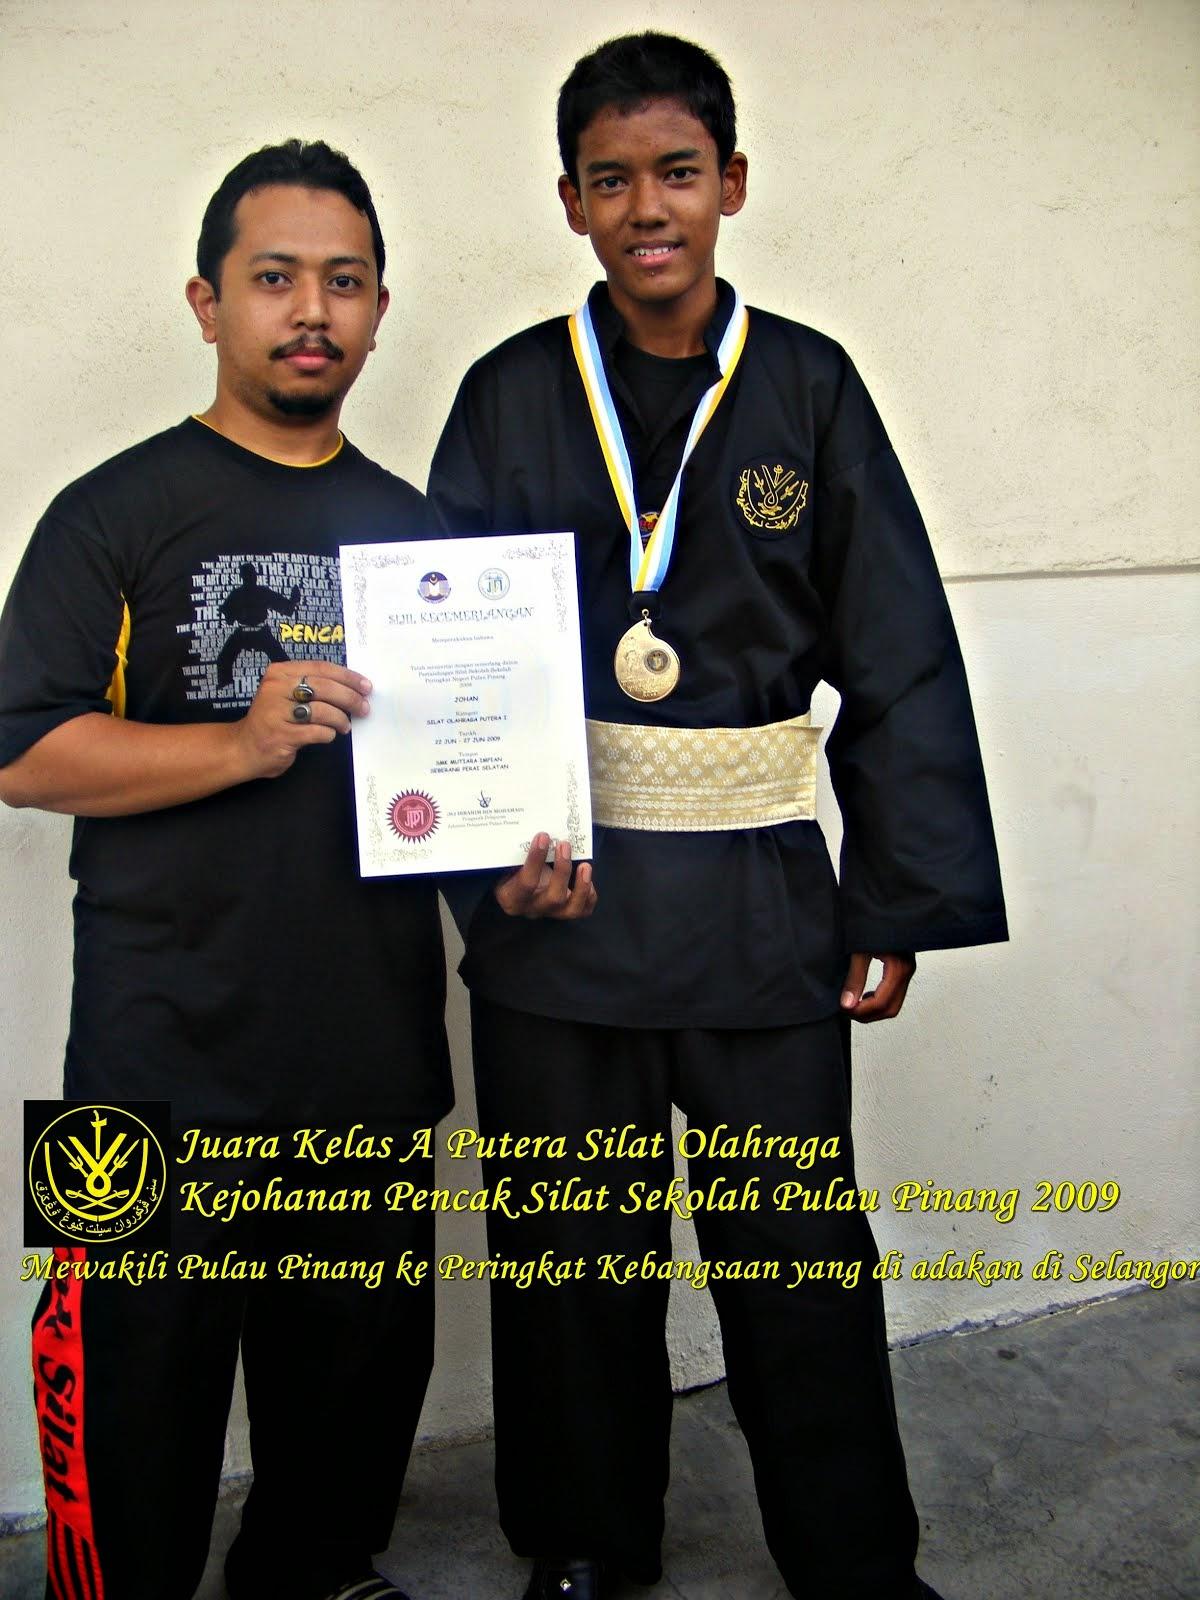 Juara 2009